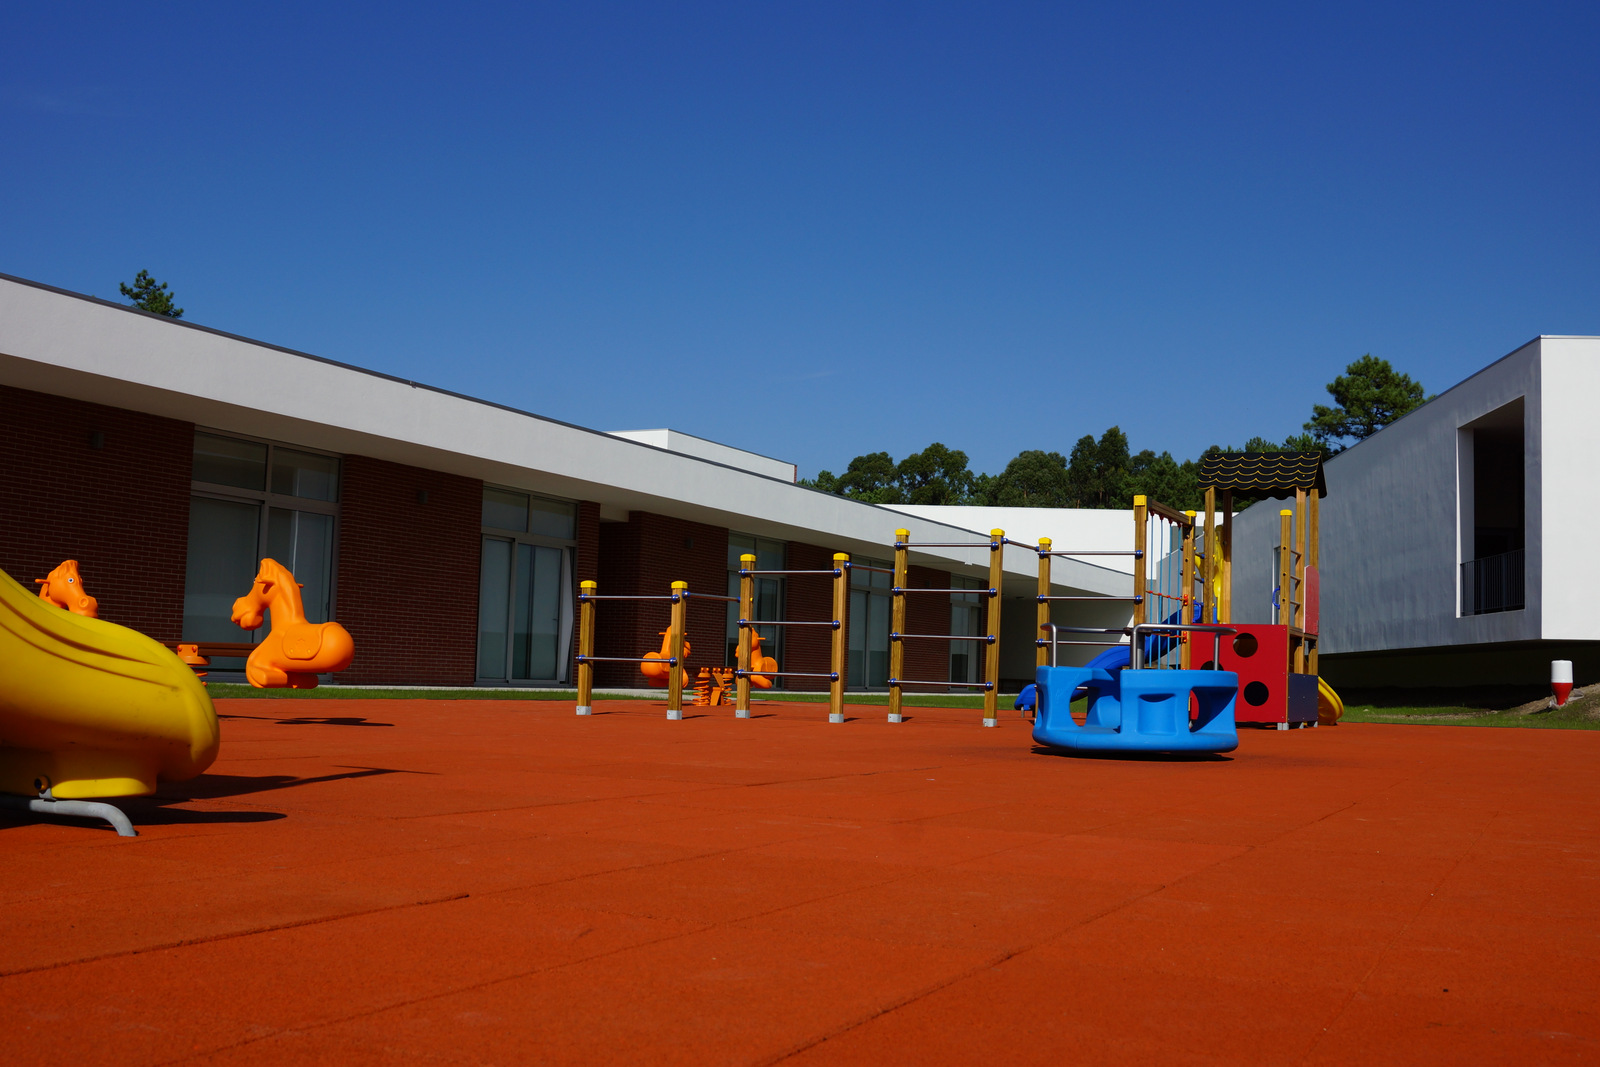 Município Garante Segurança e Higiene nos Estabelecimentos do Pré-Escolar